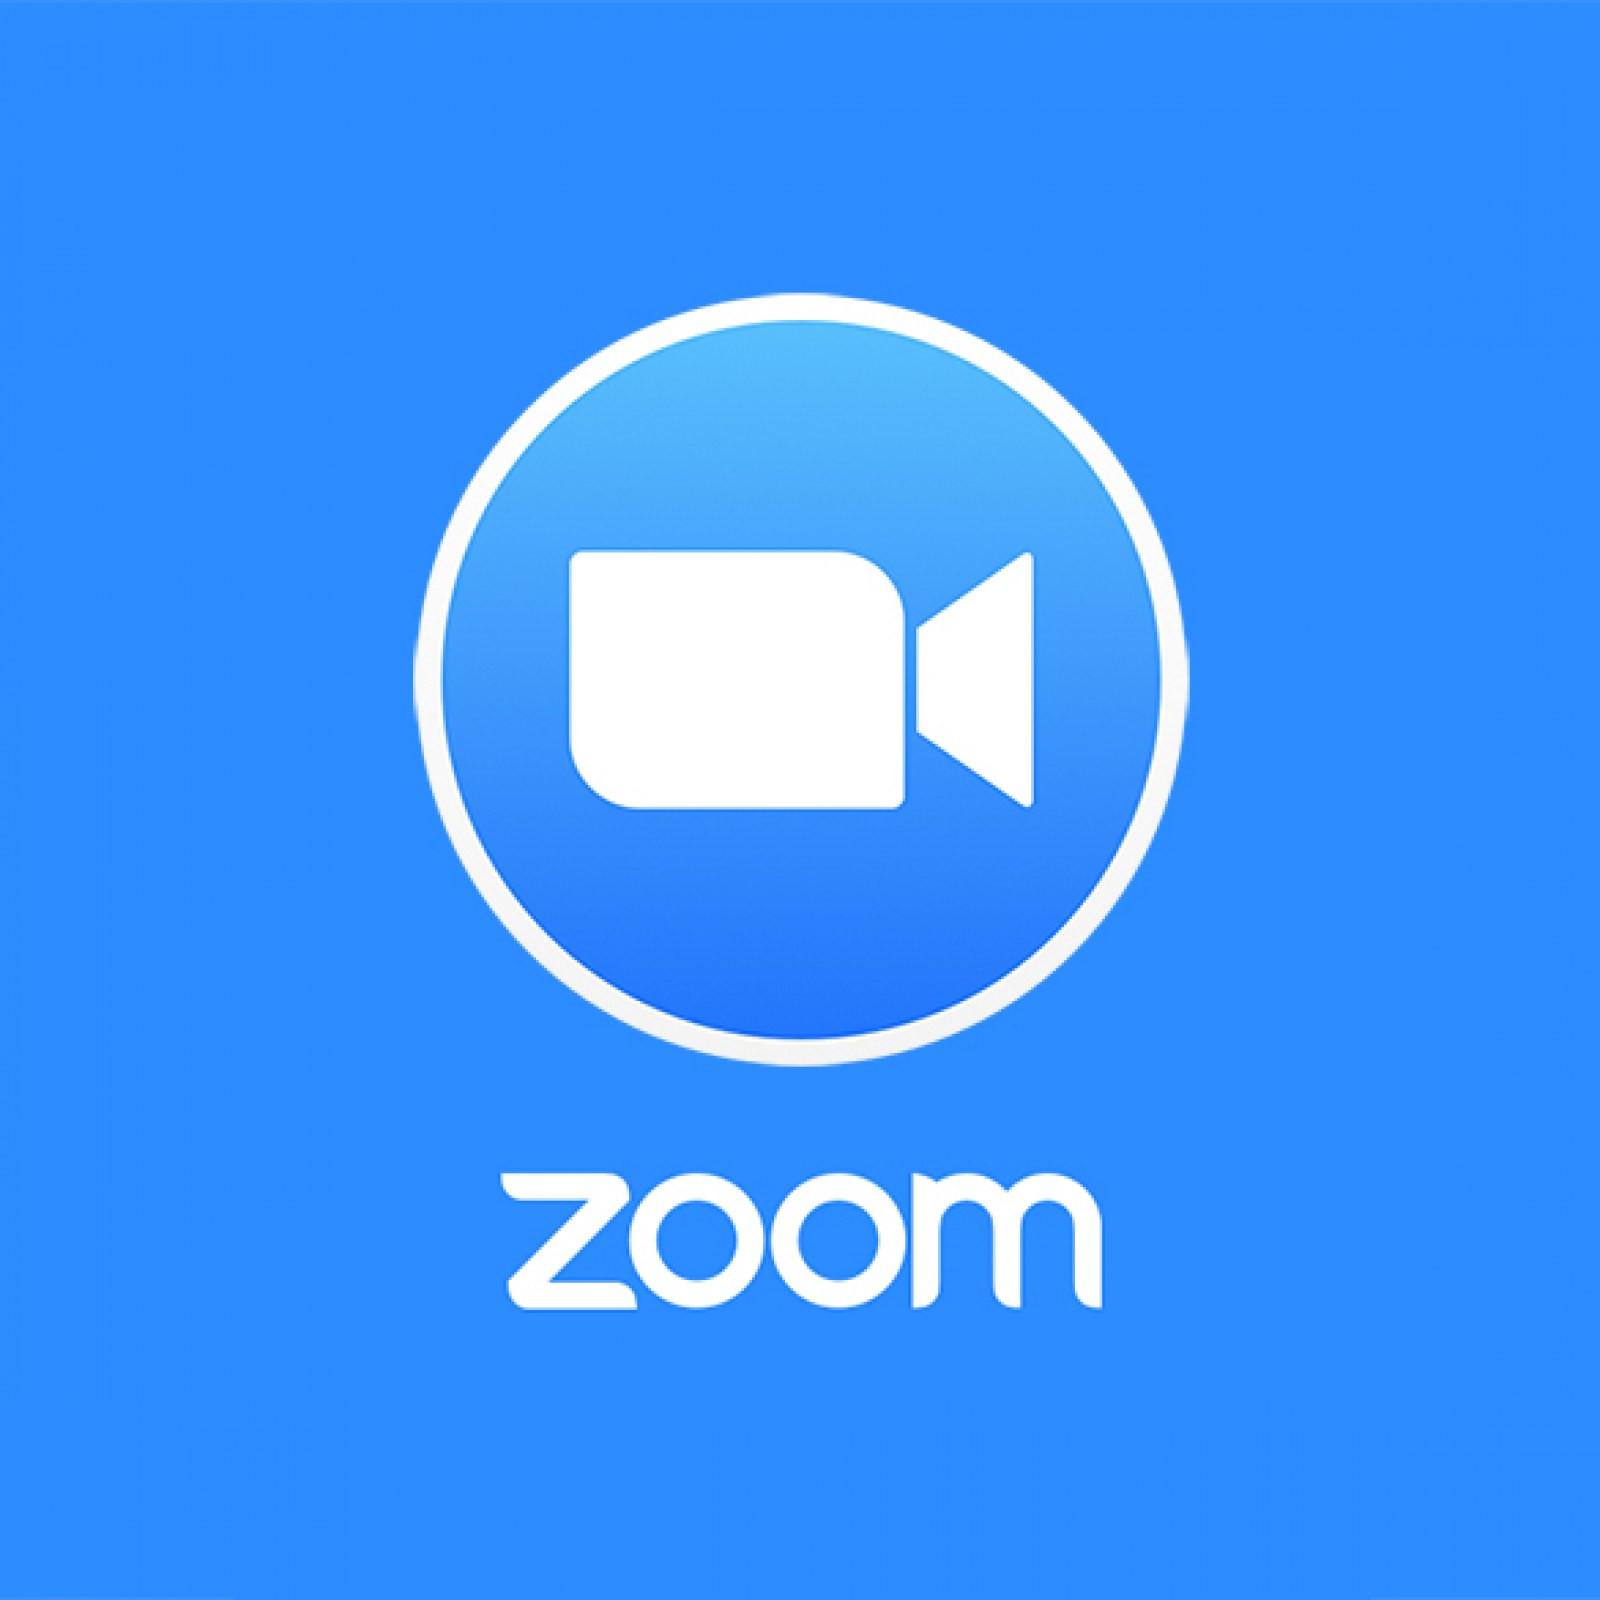 웨일라이더 - ZOOM ONLINE CLASS